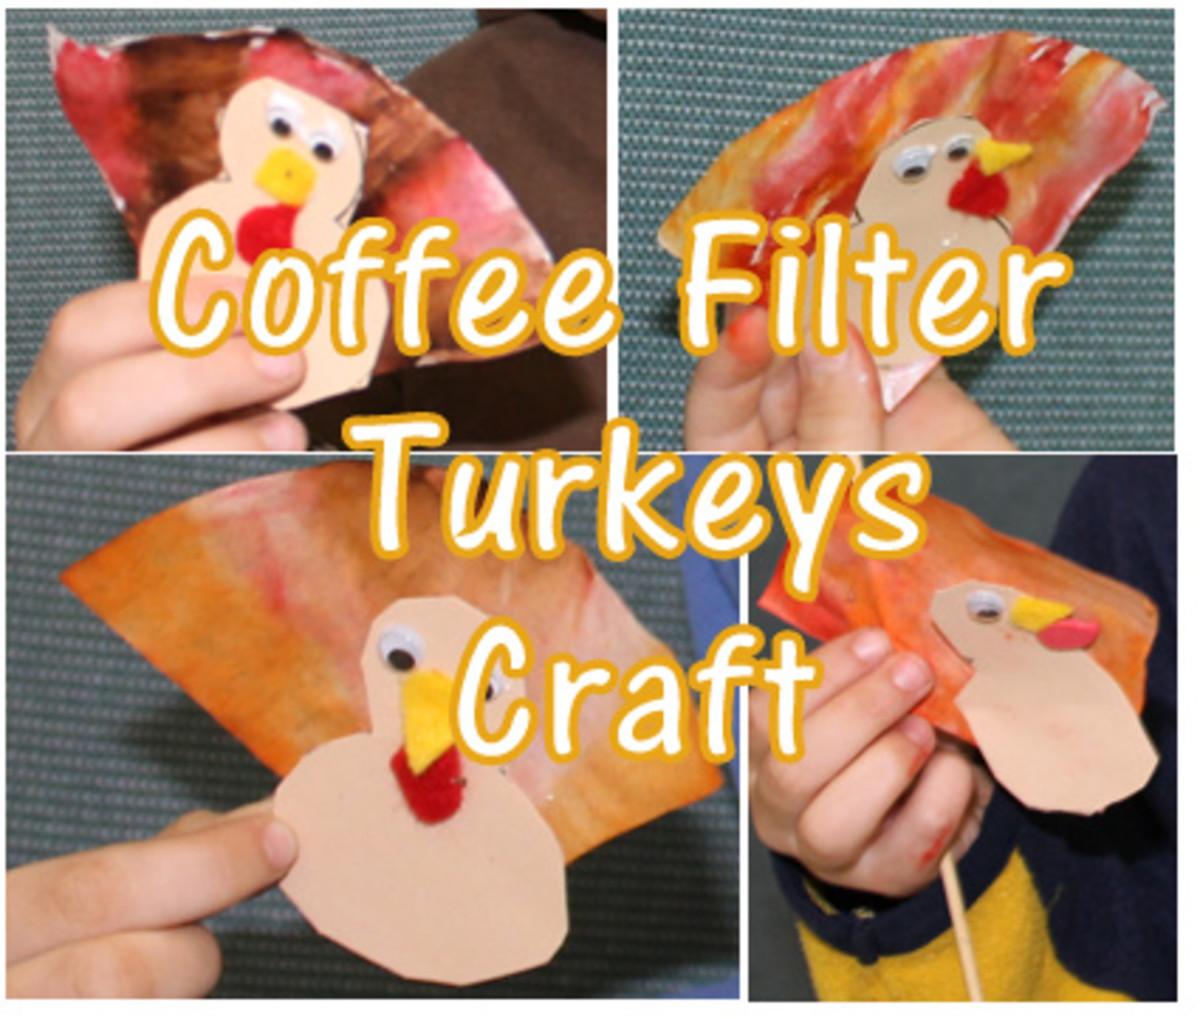 Coffee Filter Turkey Crafts